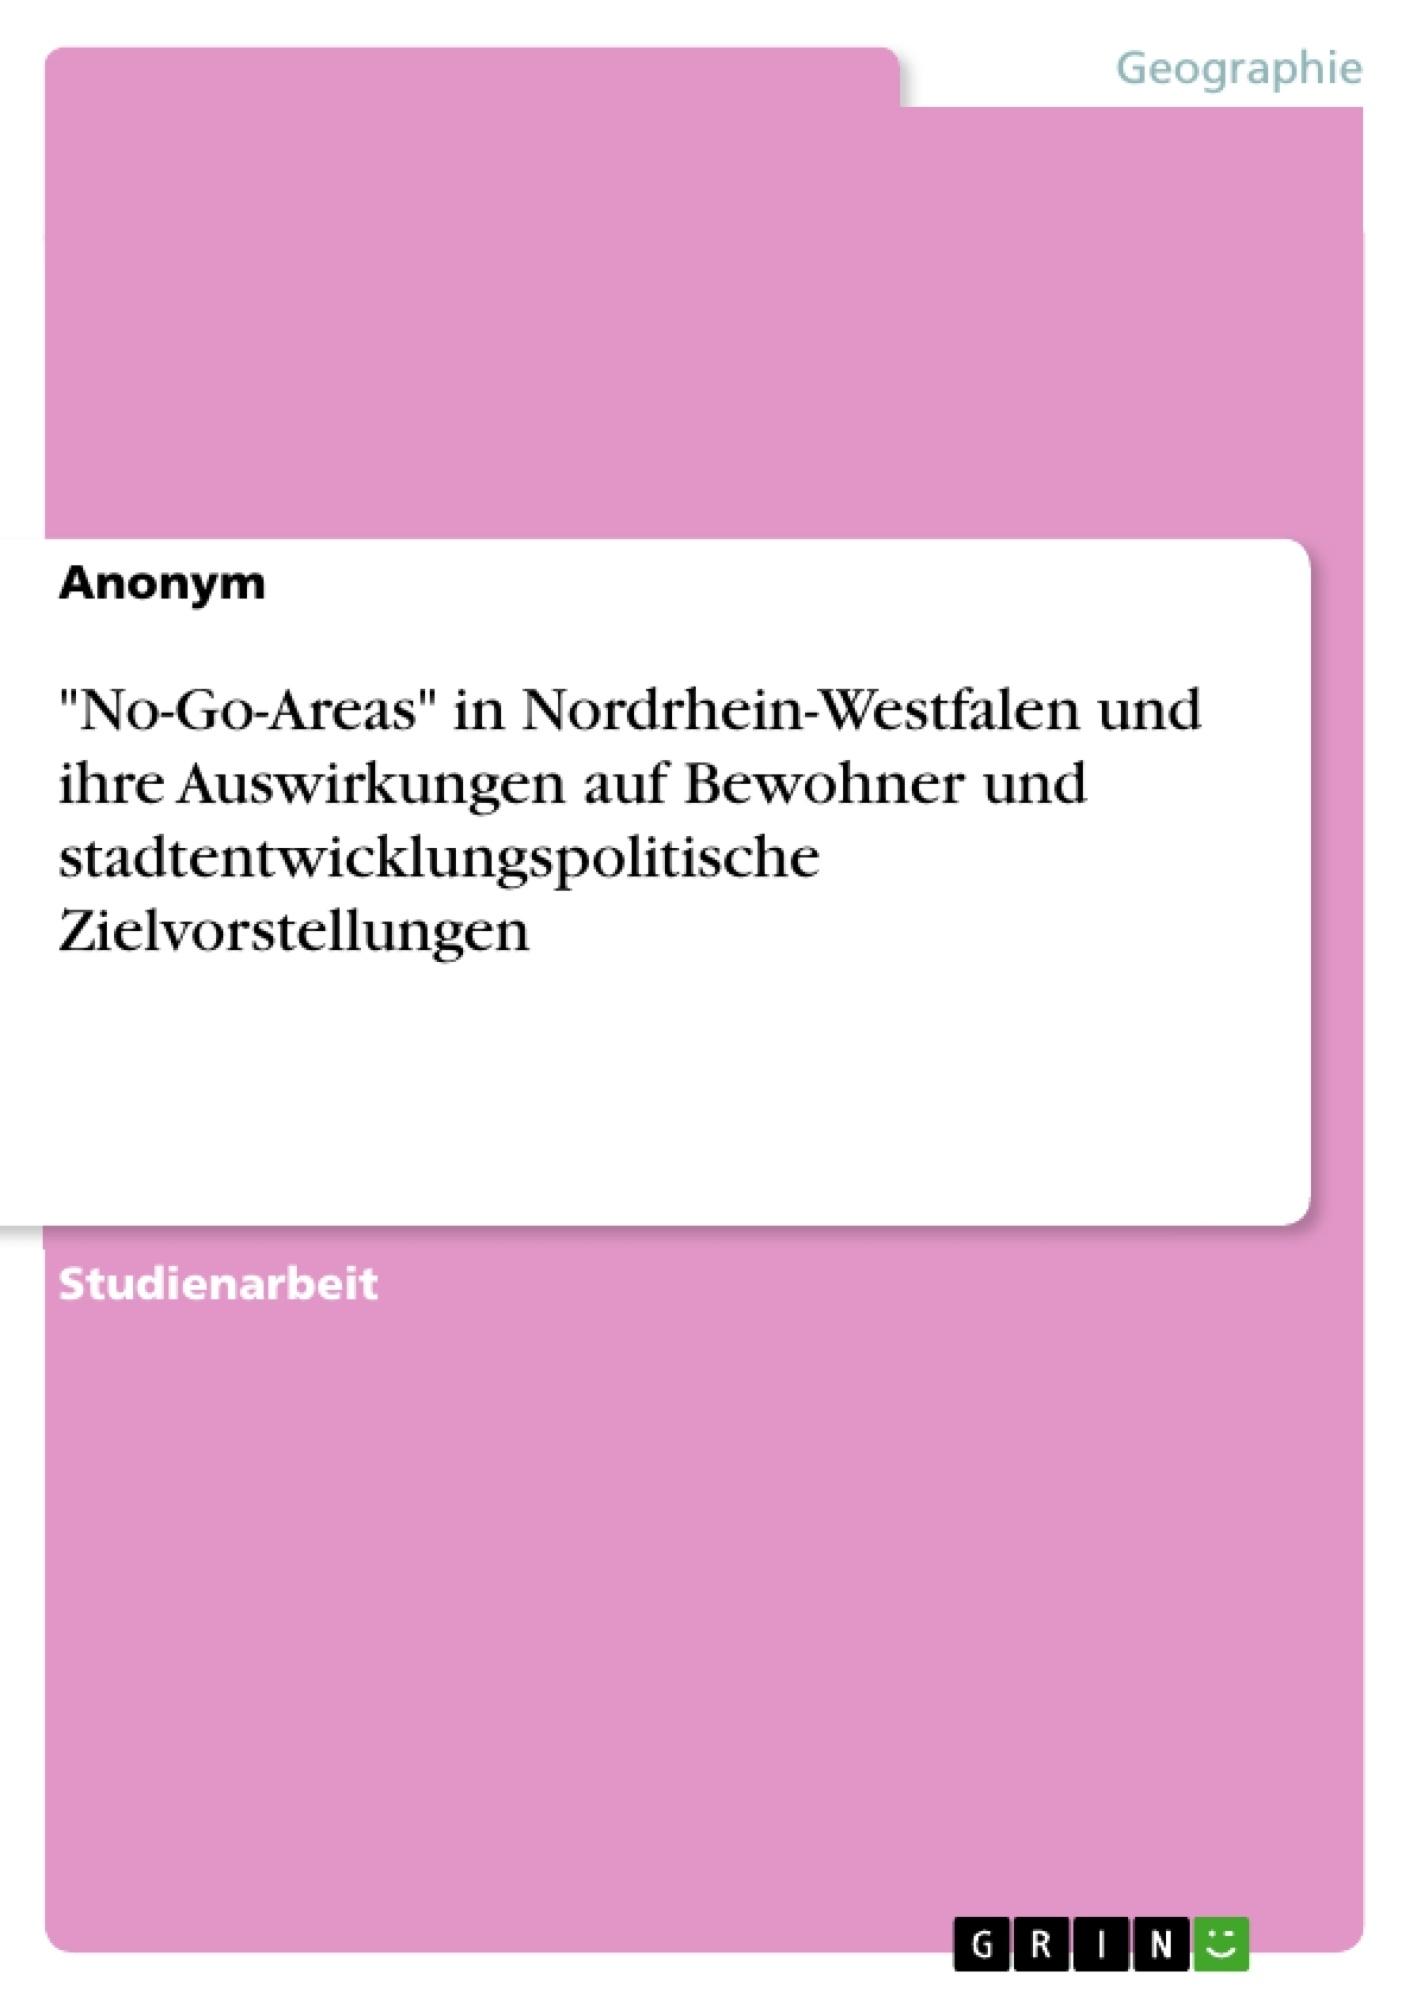 """Titel: """"No-Go-Areas"""" in Nordrhein-Westfalen und ihre Auswirkungen auf Bewohner und stadtentwicklungspolitische Zielvorstellungen"""